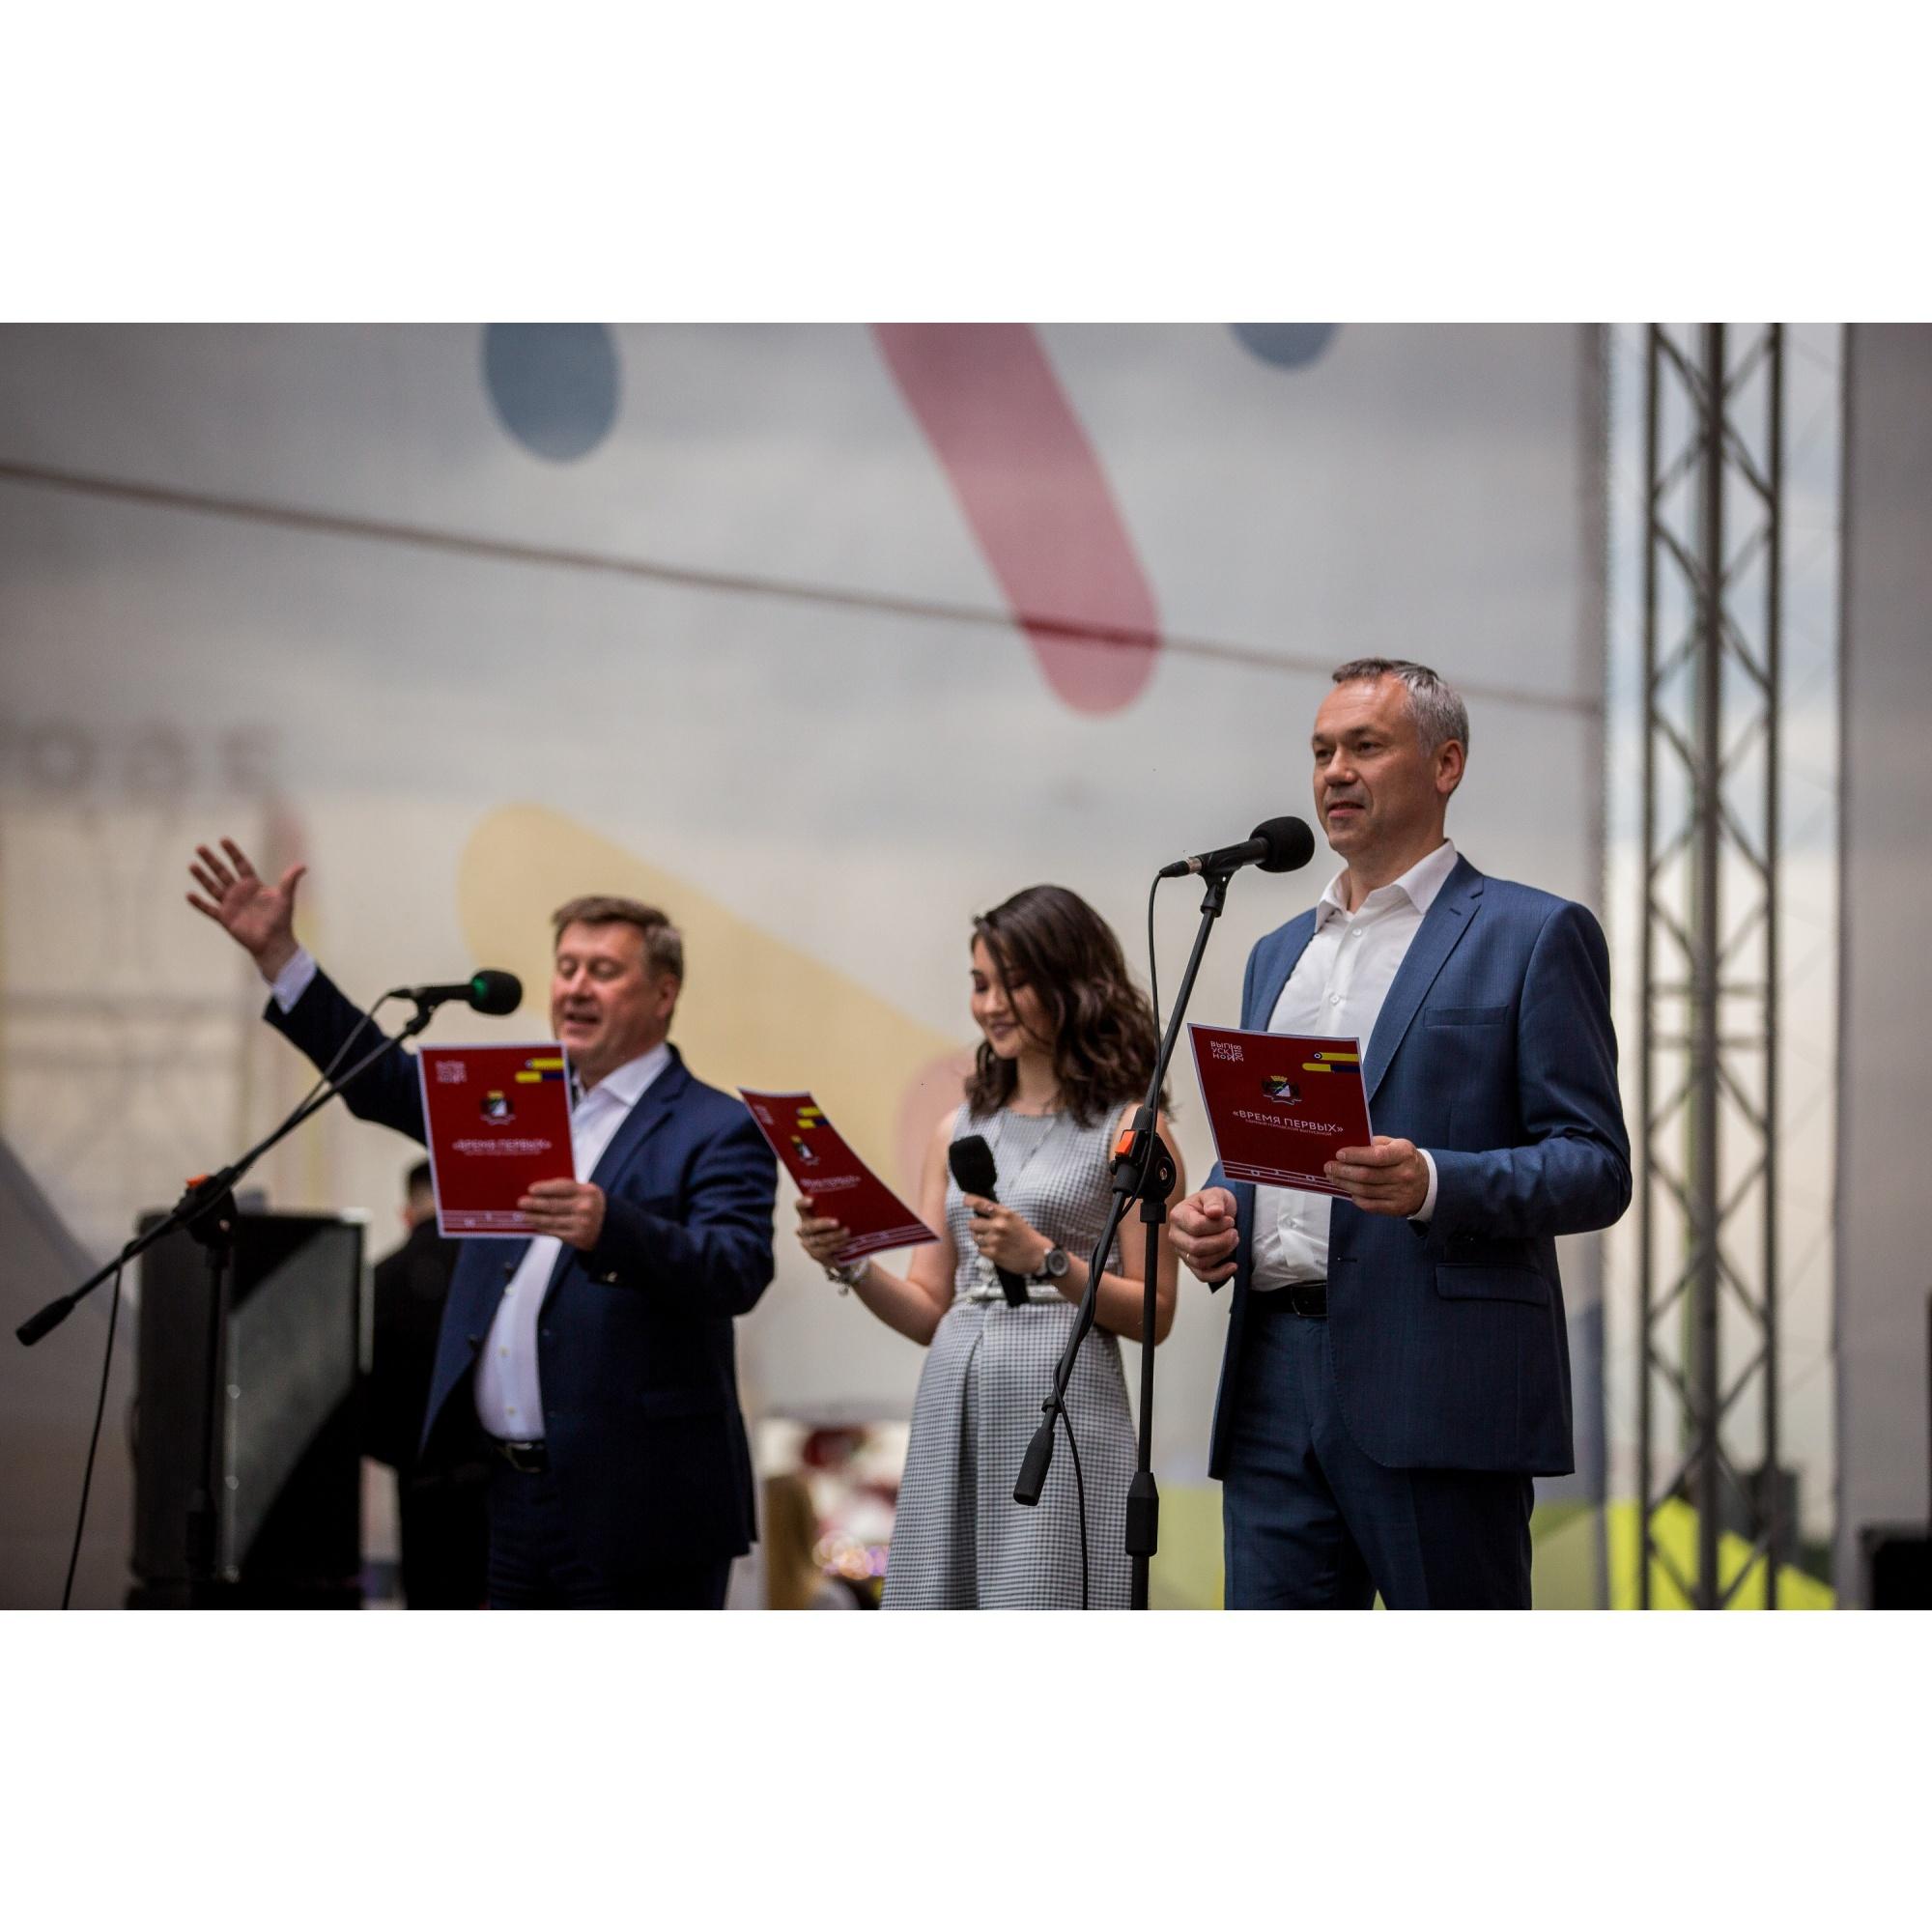 Анатолий Локоть и Андрей Травников поздравили выпускников